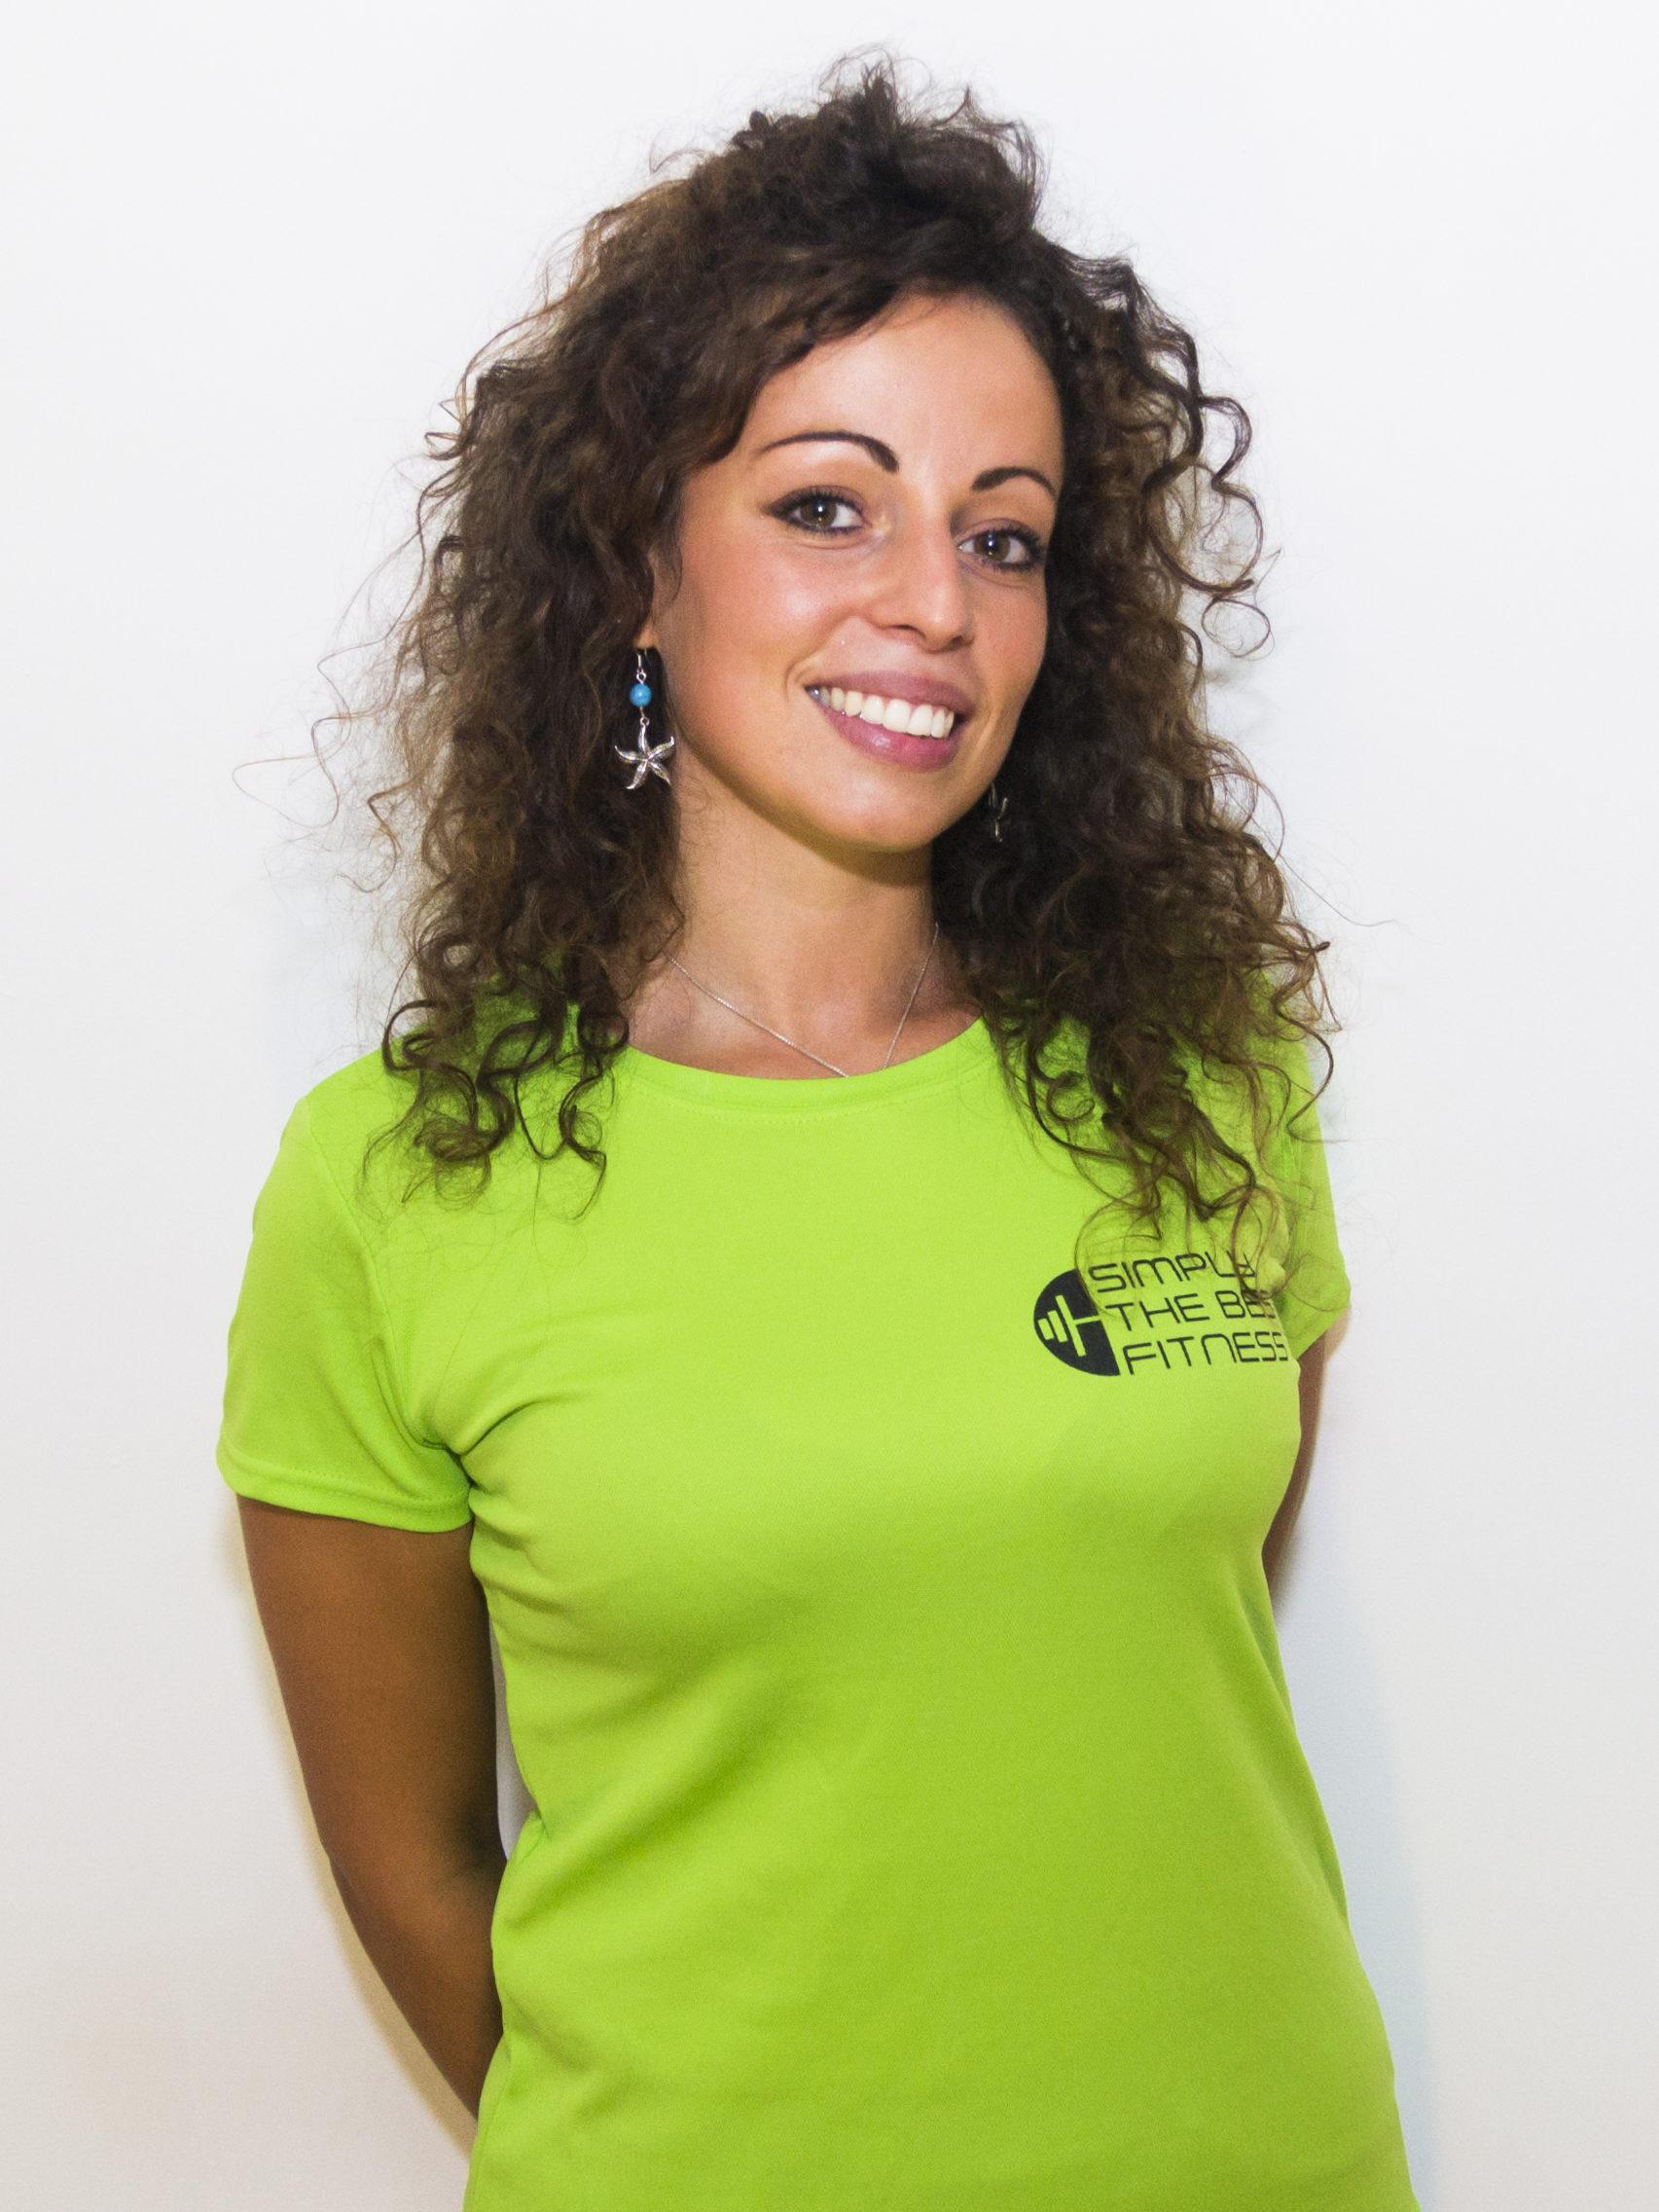 Dalila Mecozzi